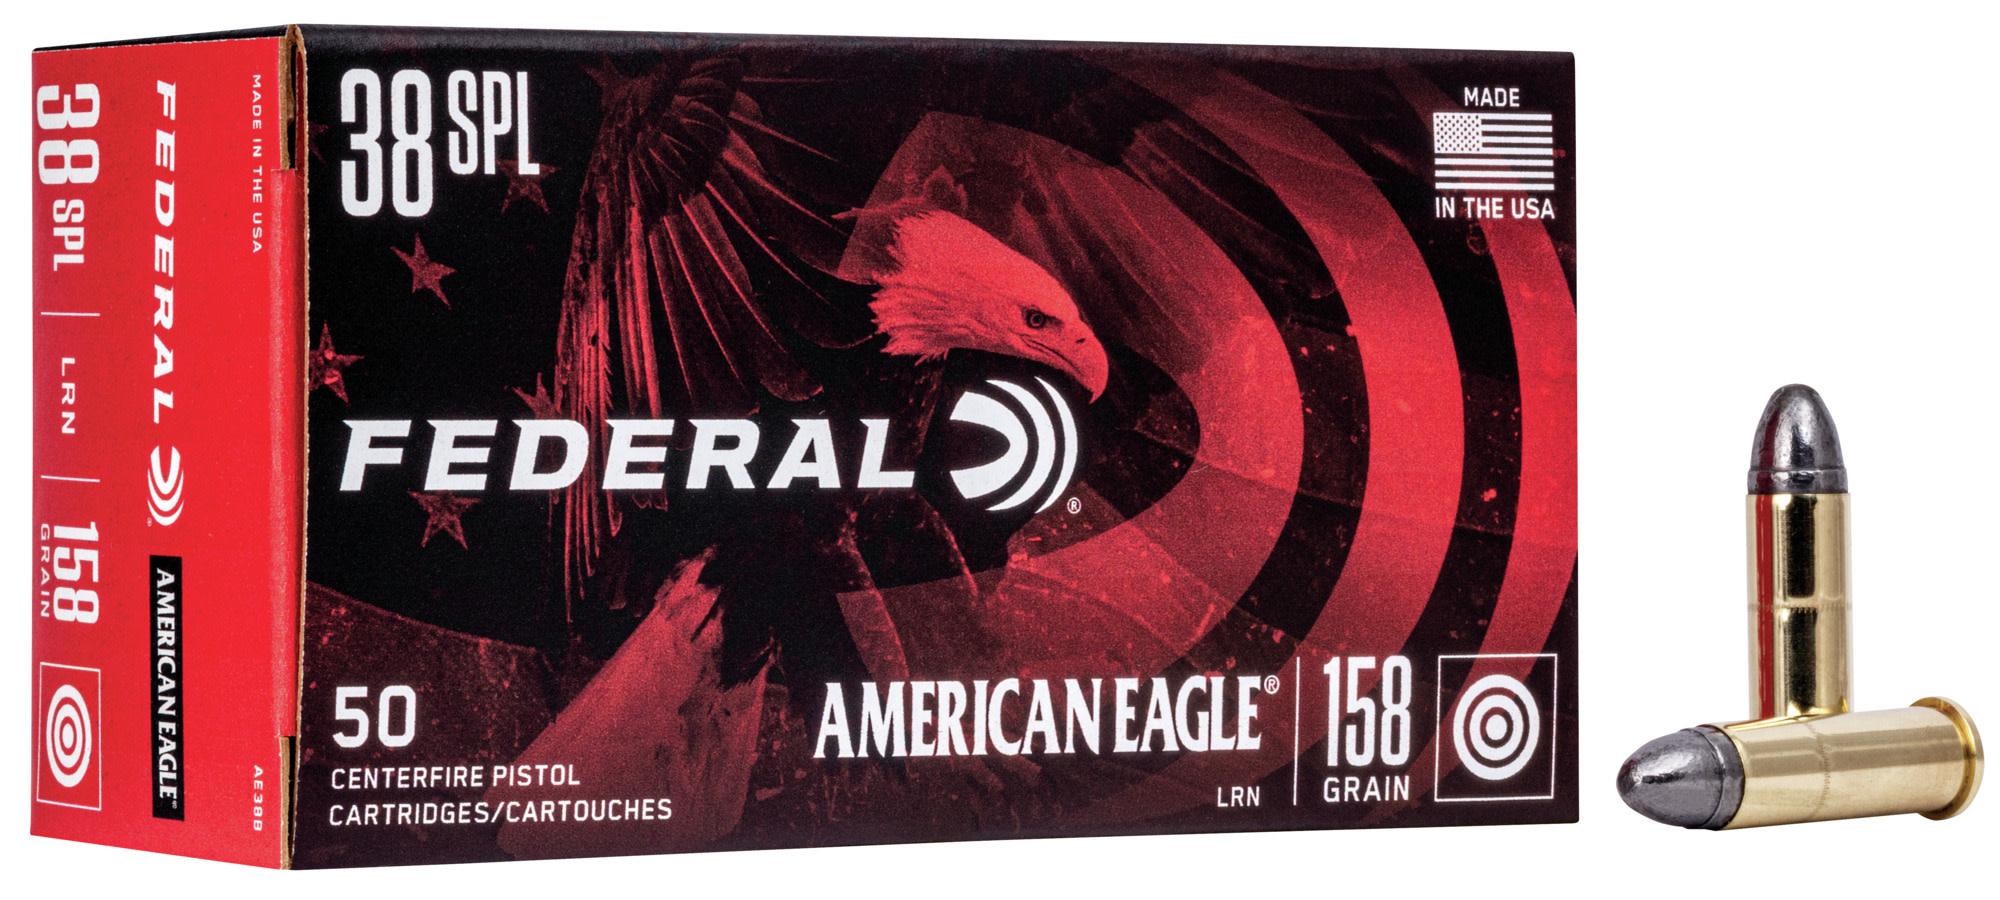 Federal Ammunition Federal 38 Special 158grain LEAD RN